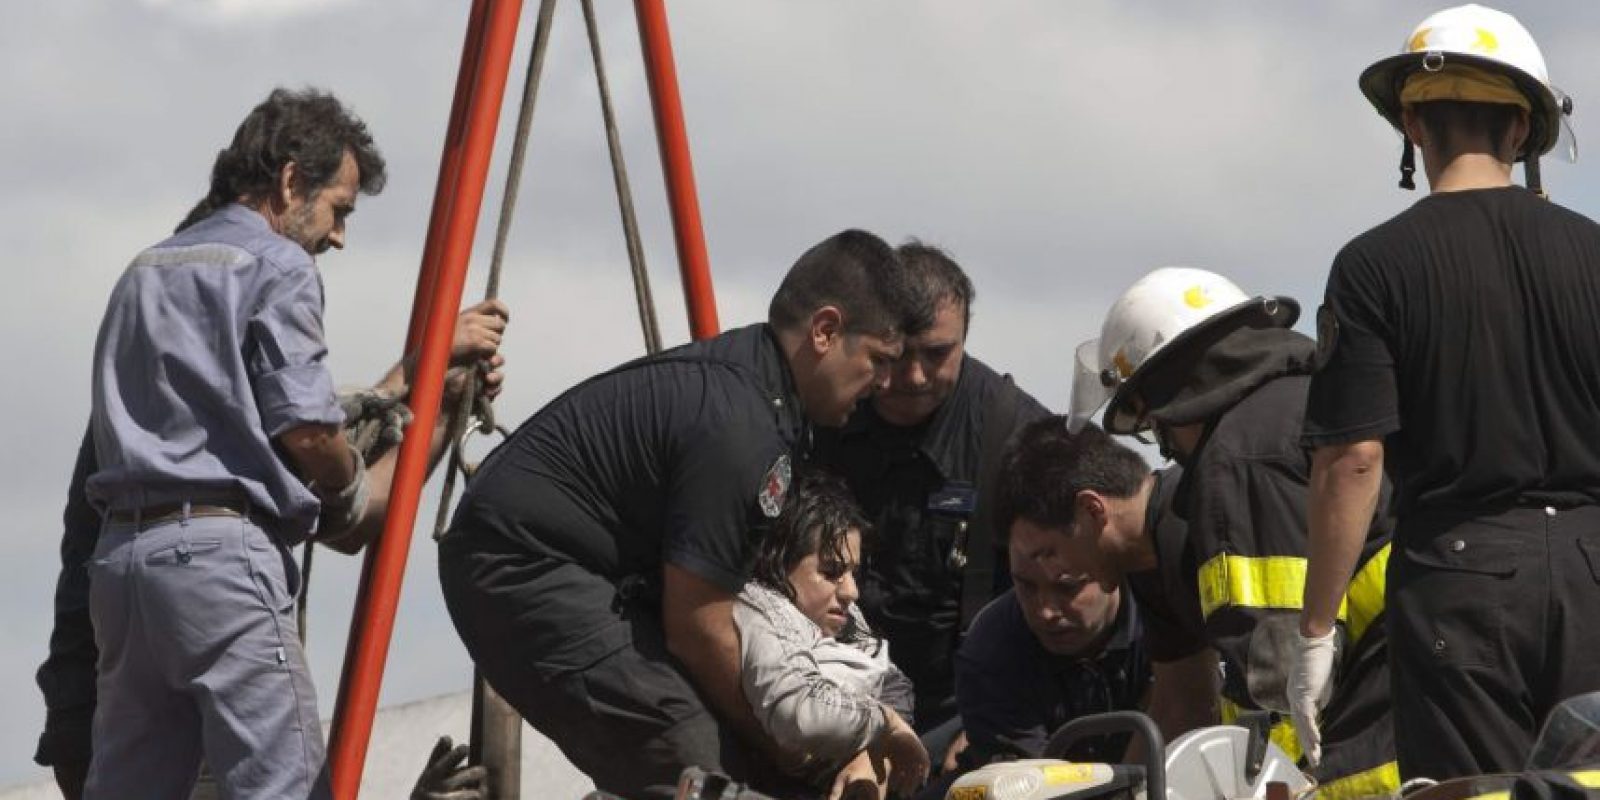 Una persona es rescatada hoy, miércoles 22 de febrero de 2012, tras el accidente de un tren en Buenos Aires (Argentina).